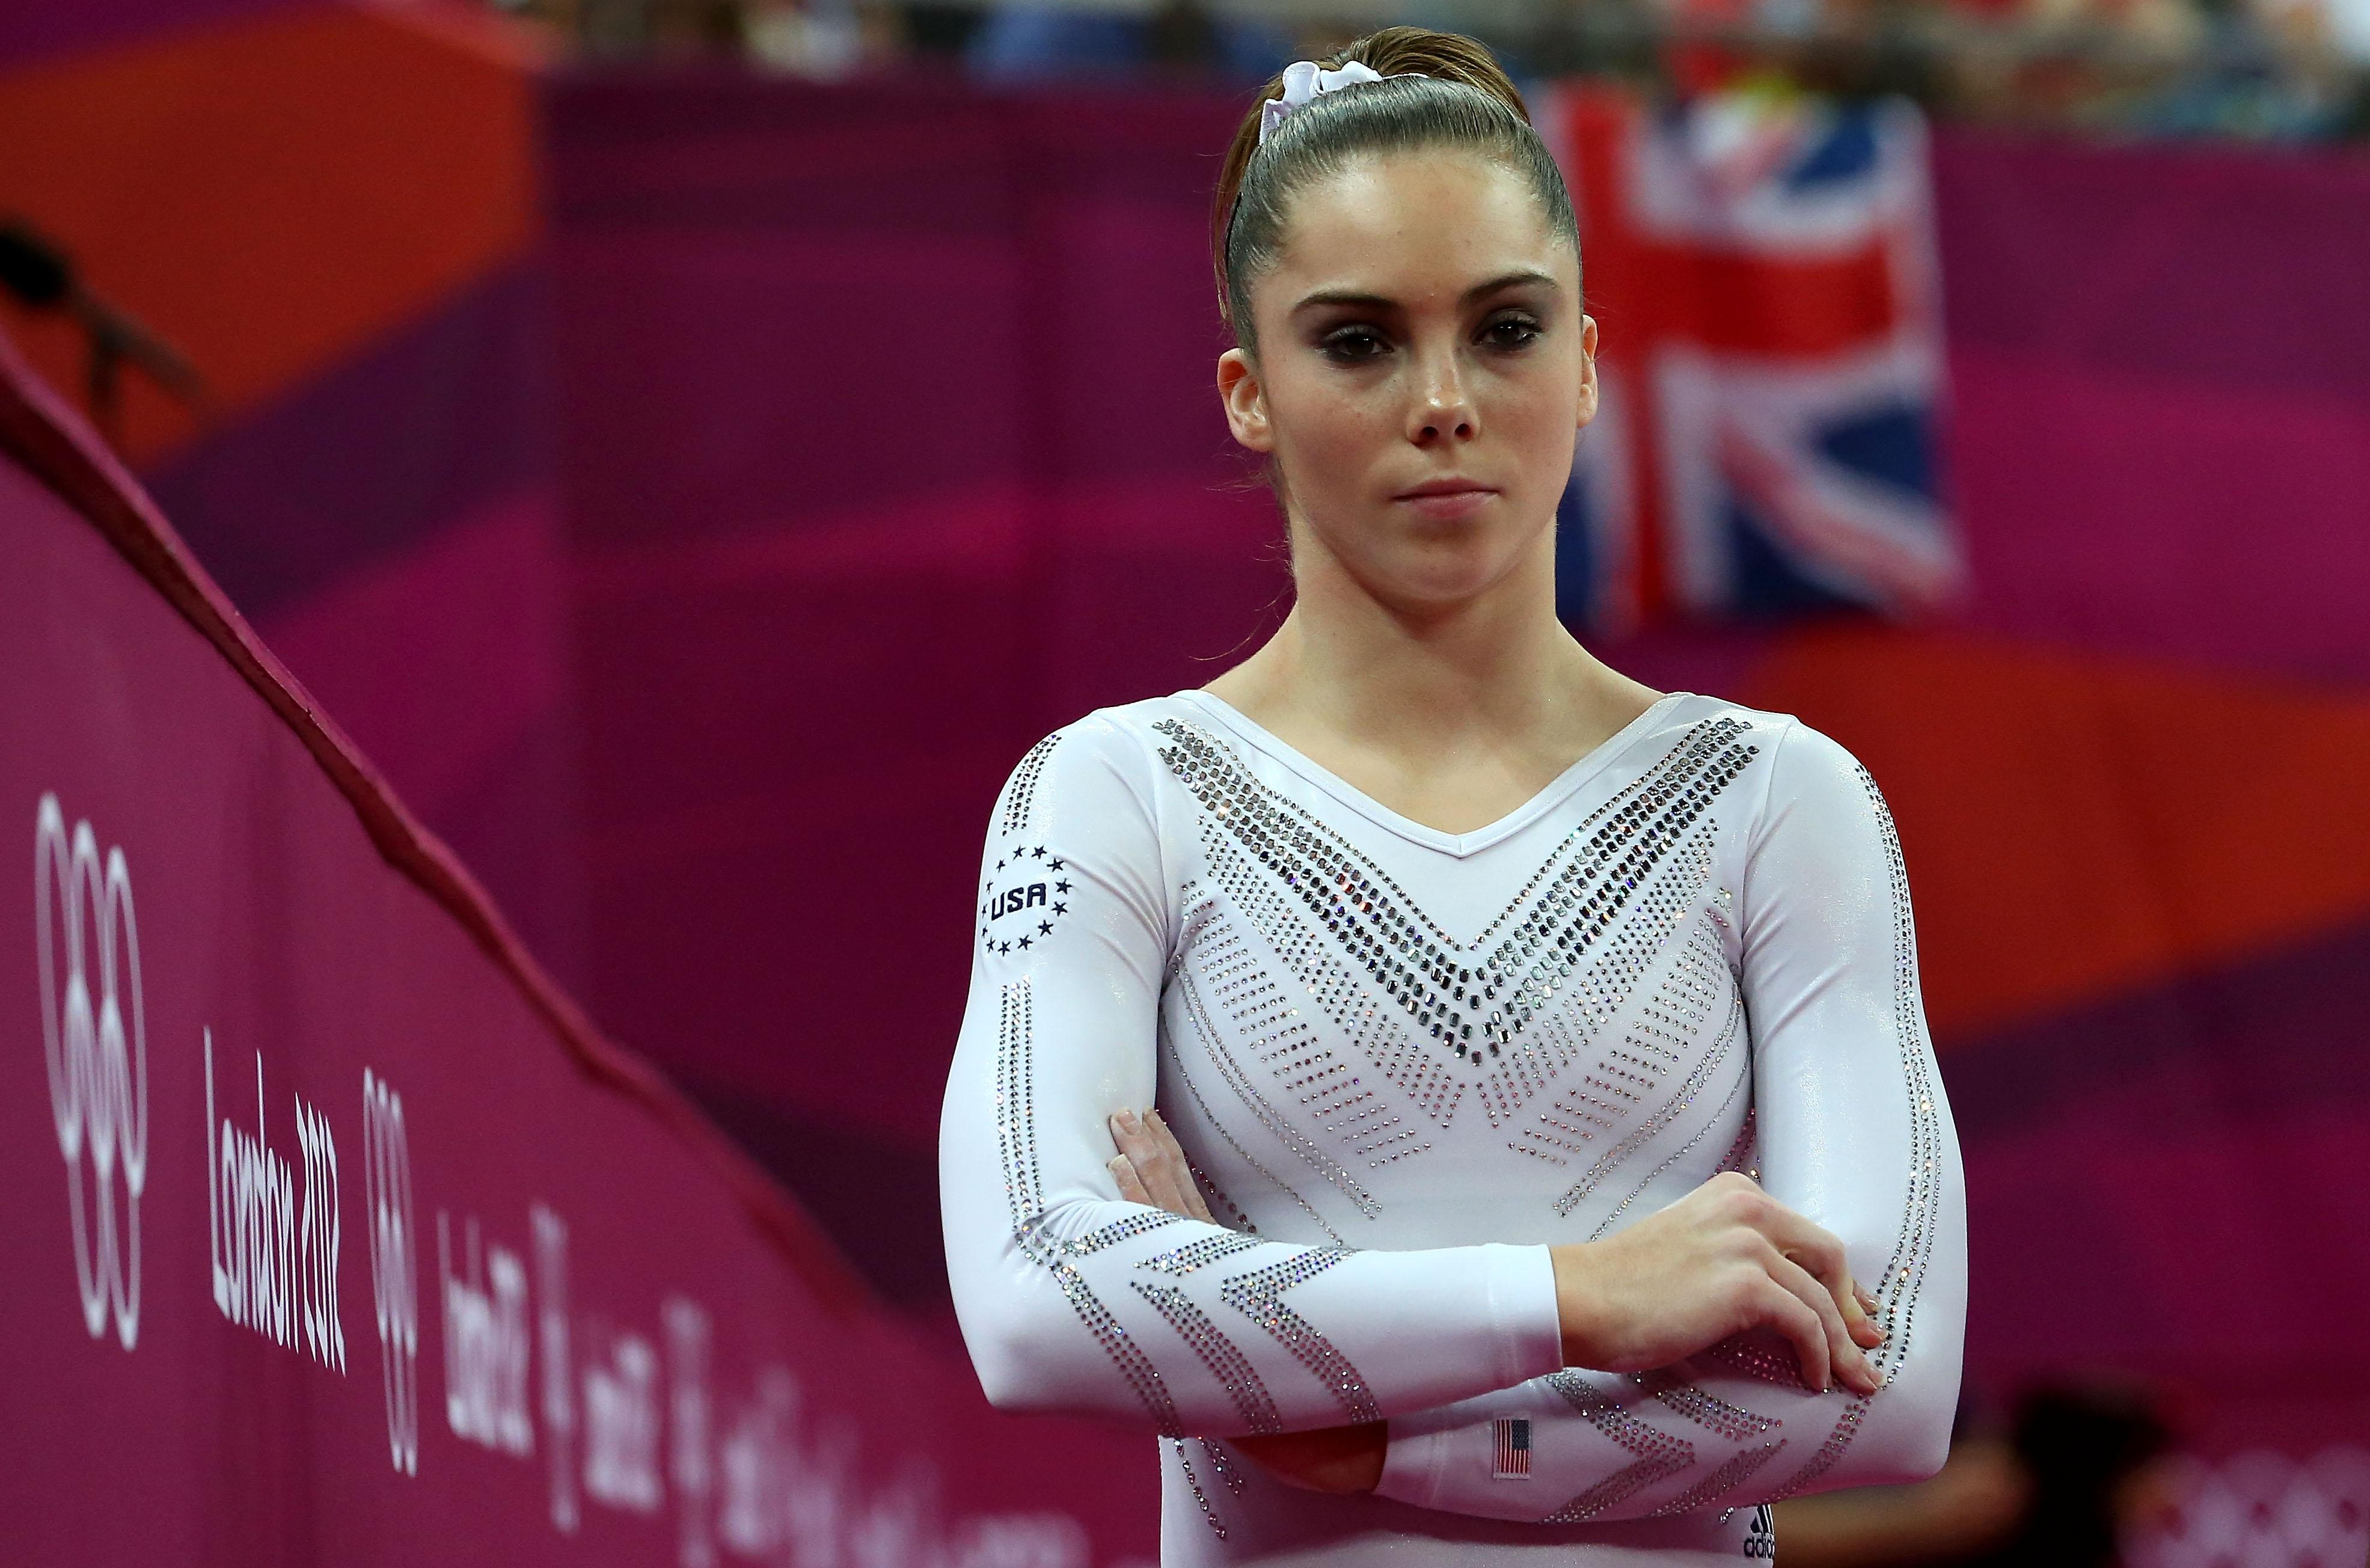 McKayla Maroney Abuso Sexual Violación Demanda USA Gymnastics